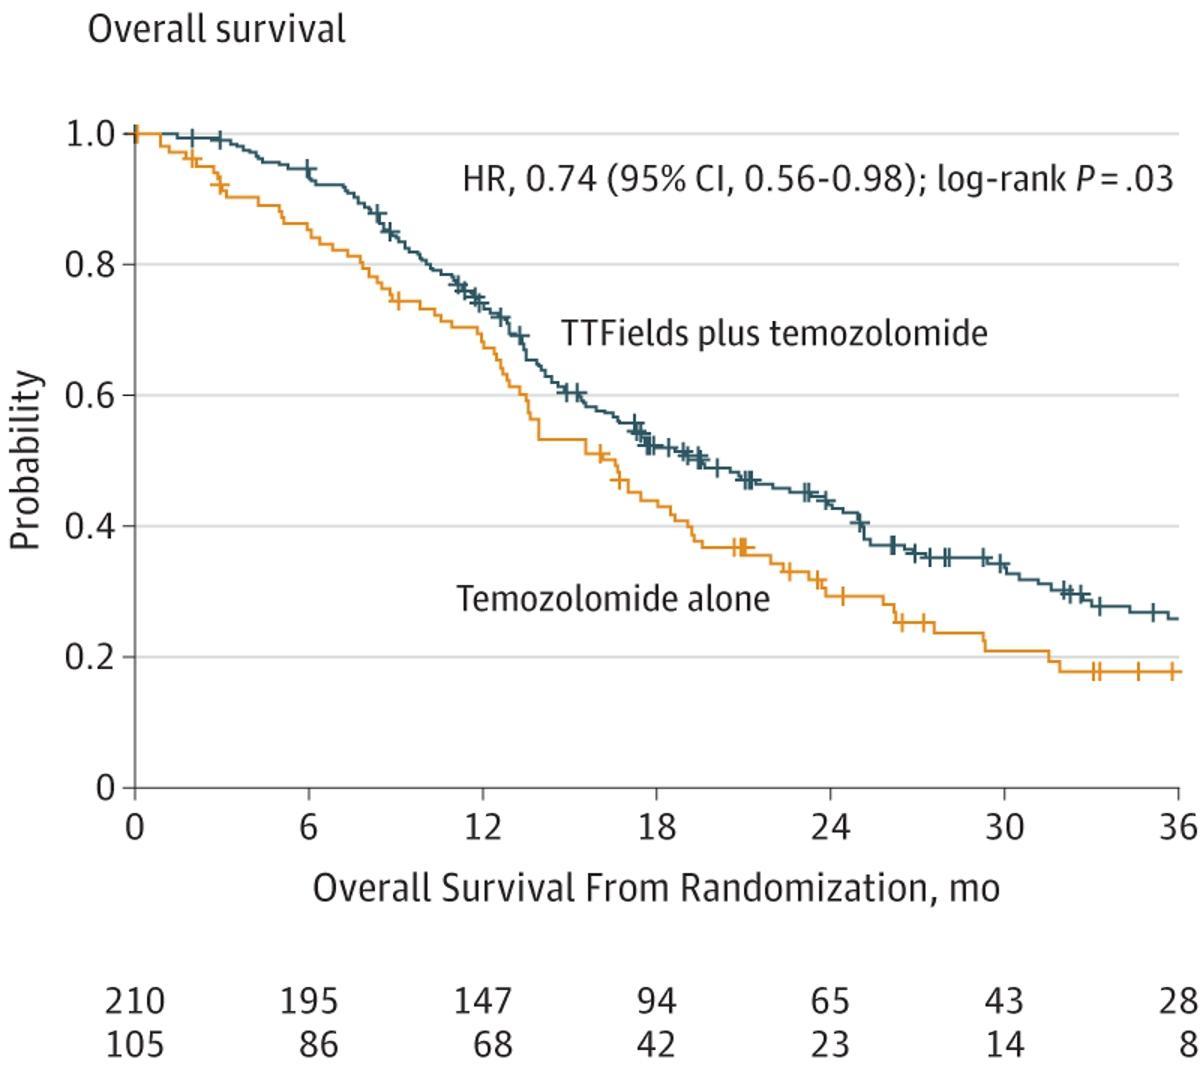 График общей выживаемости пациентов с вновь диагностированной глиобластомой в группе TTF+темозоломид (синяя кривая) и темозоломид (желтая кривая)